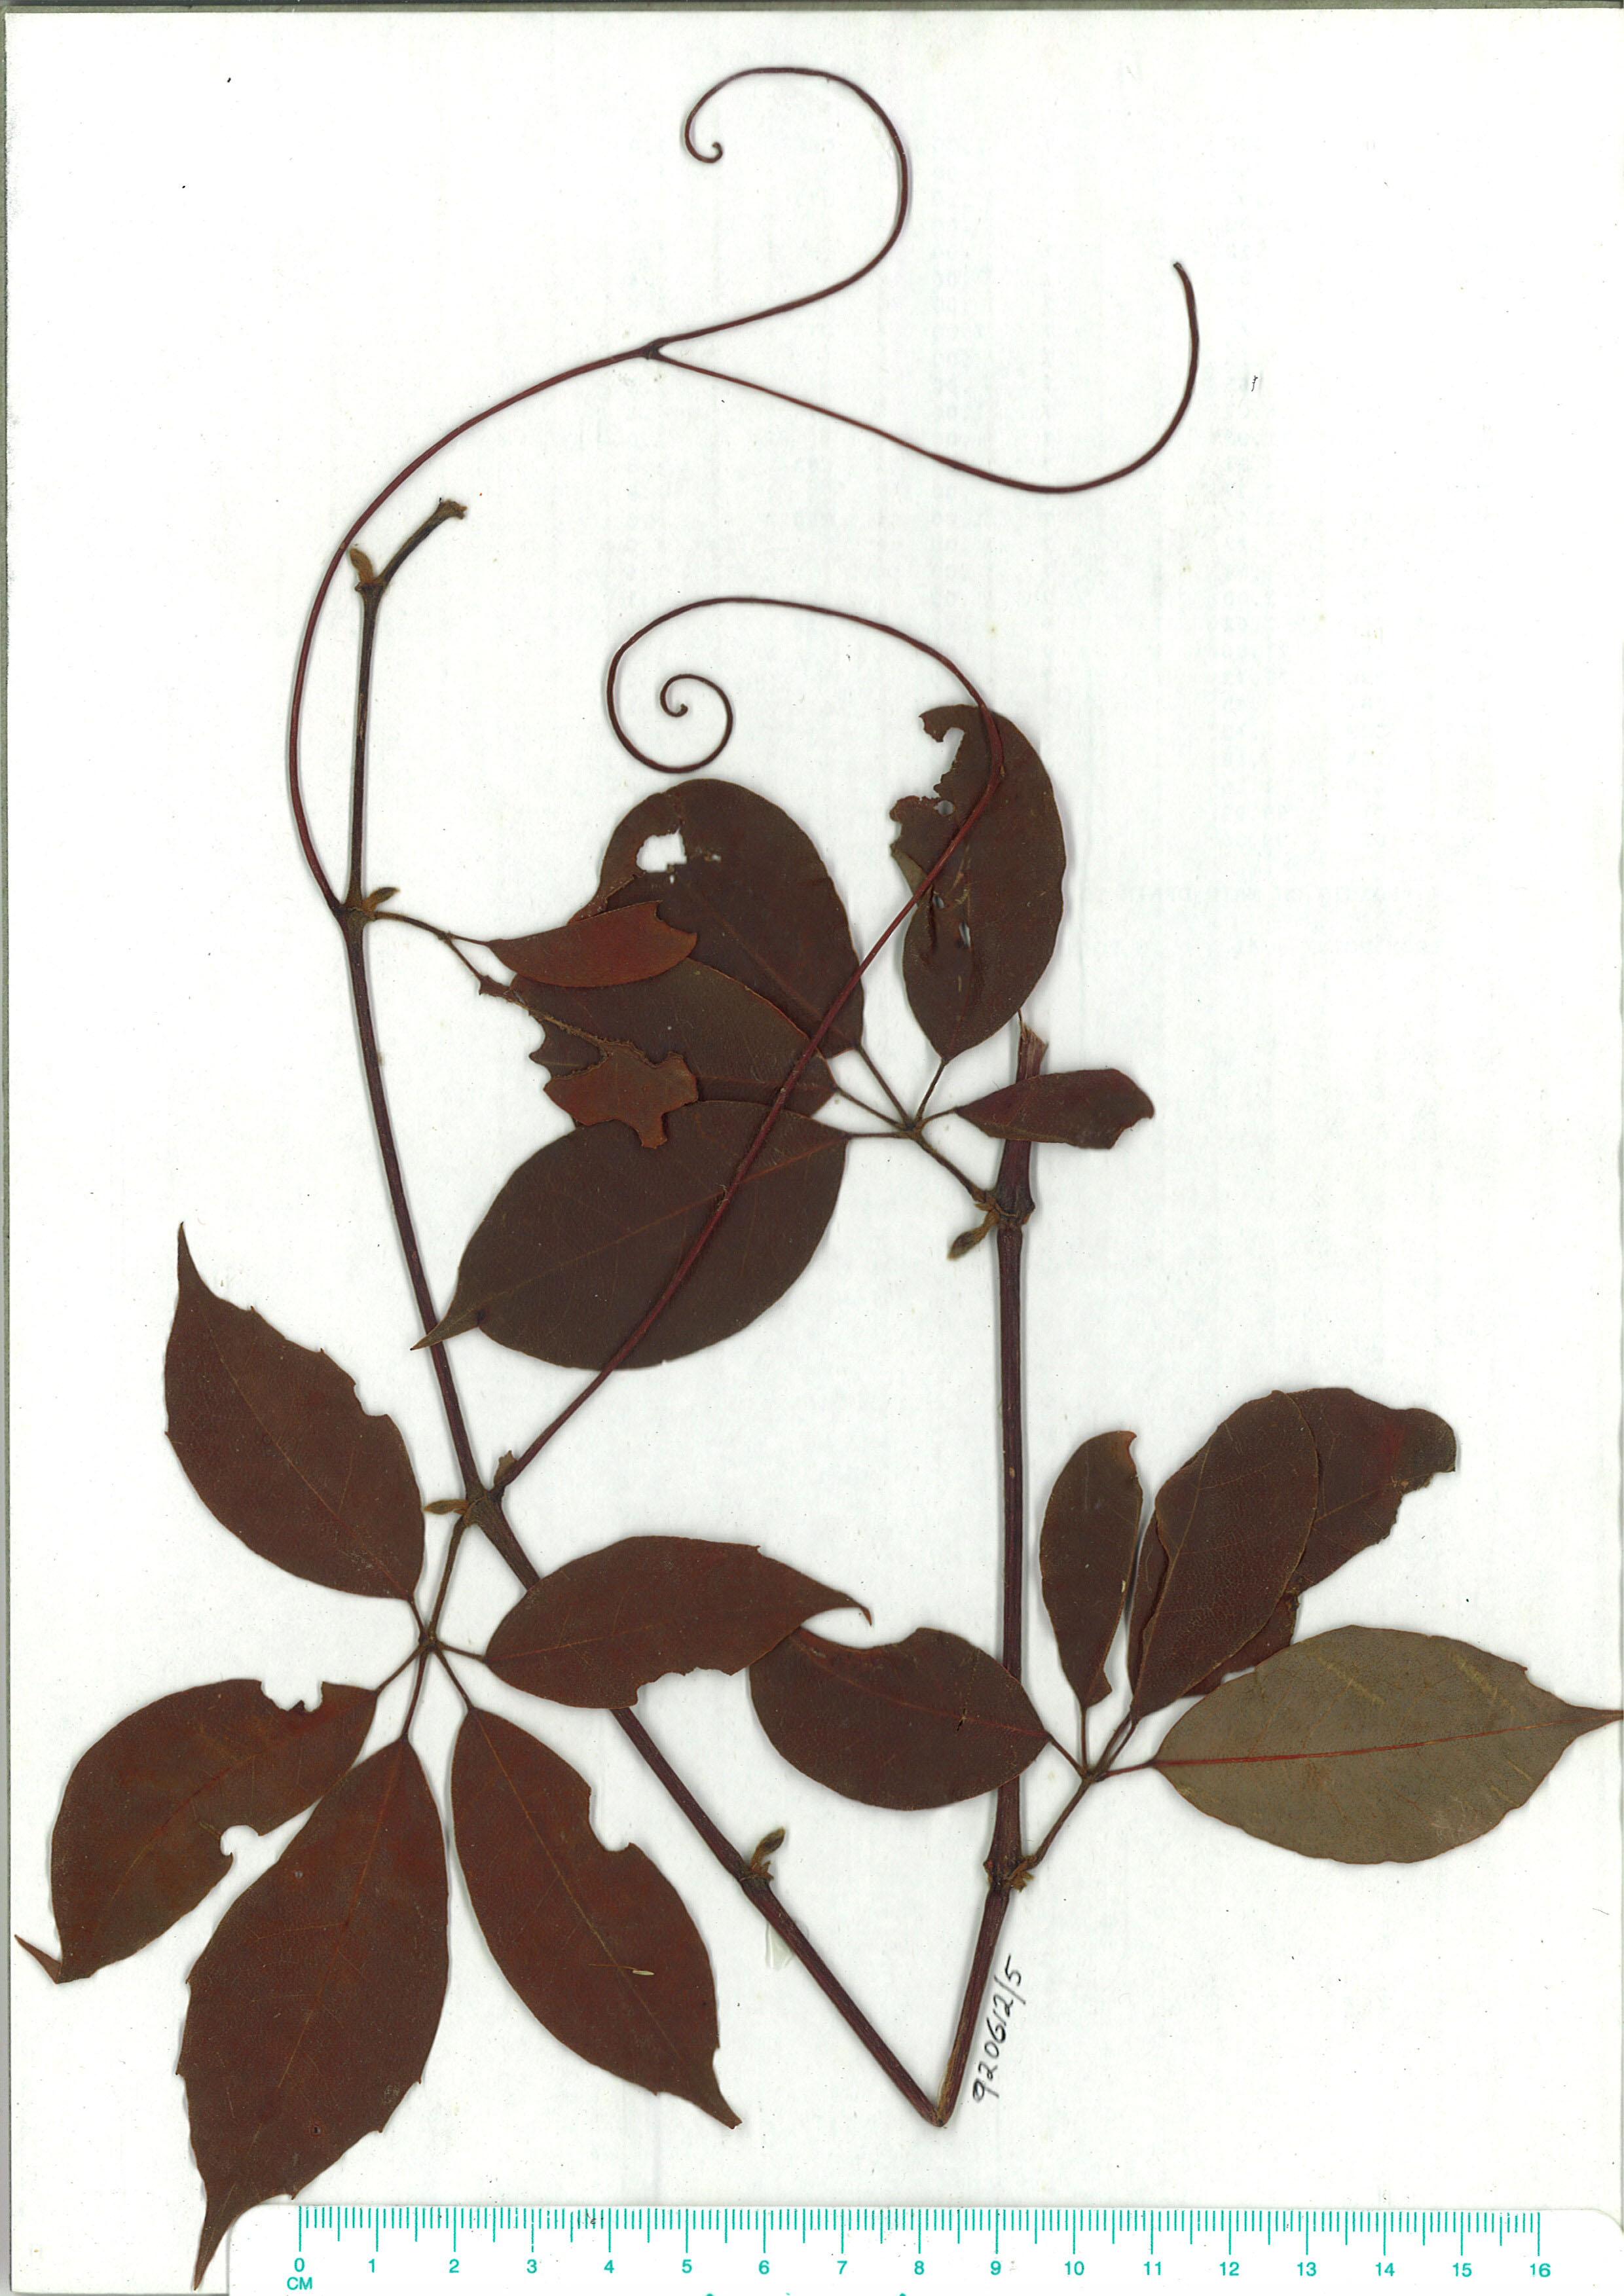 Scanned herbarium image of Cissus hypoglauca